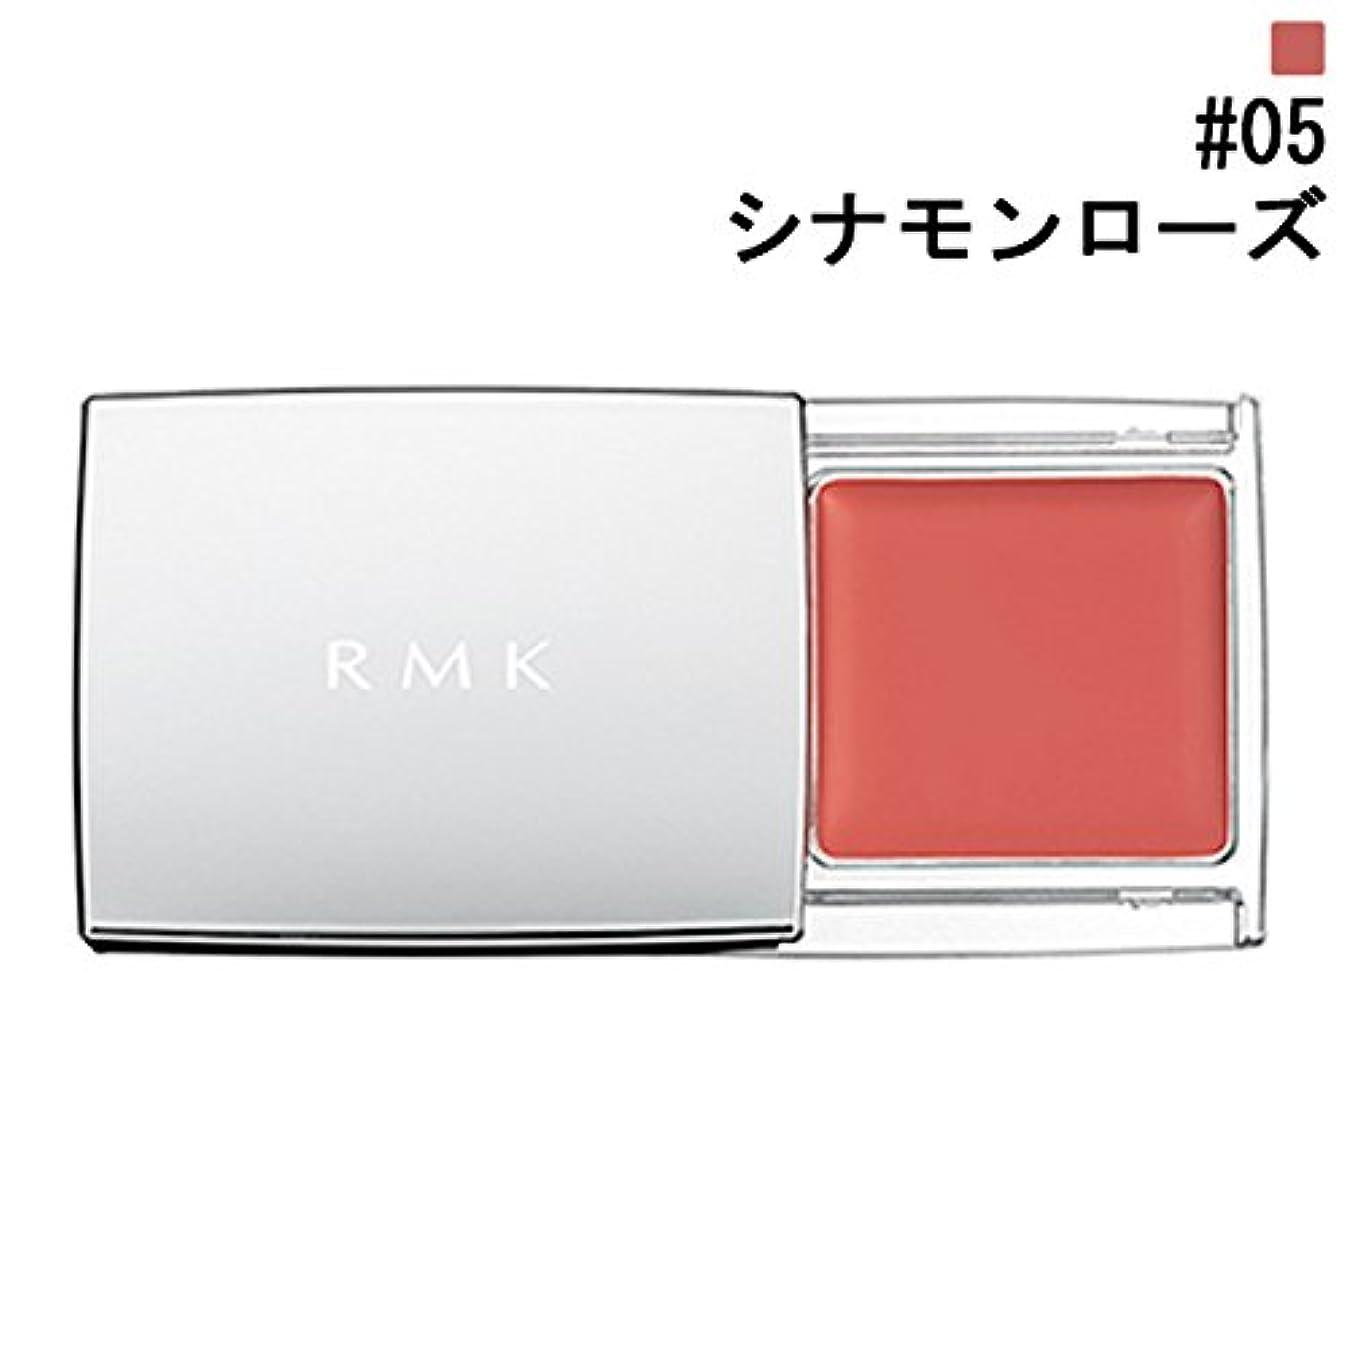 ベッツィトロットウッドミニチュア最適【RMK (ルミコ)】RMK マルチペイントカラーズ #05 シナモンローズ 1.5g